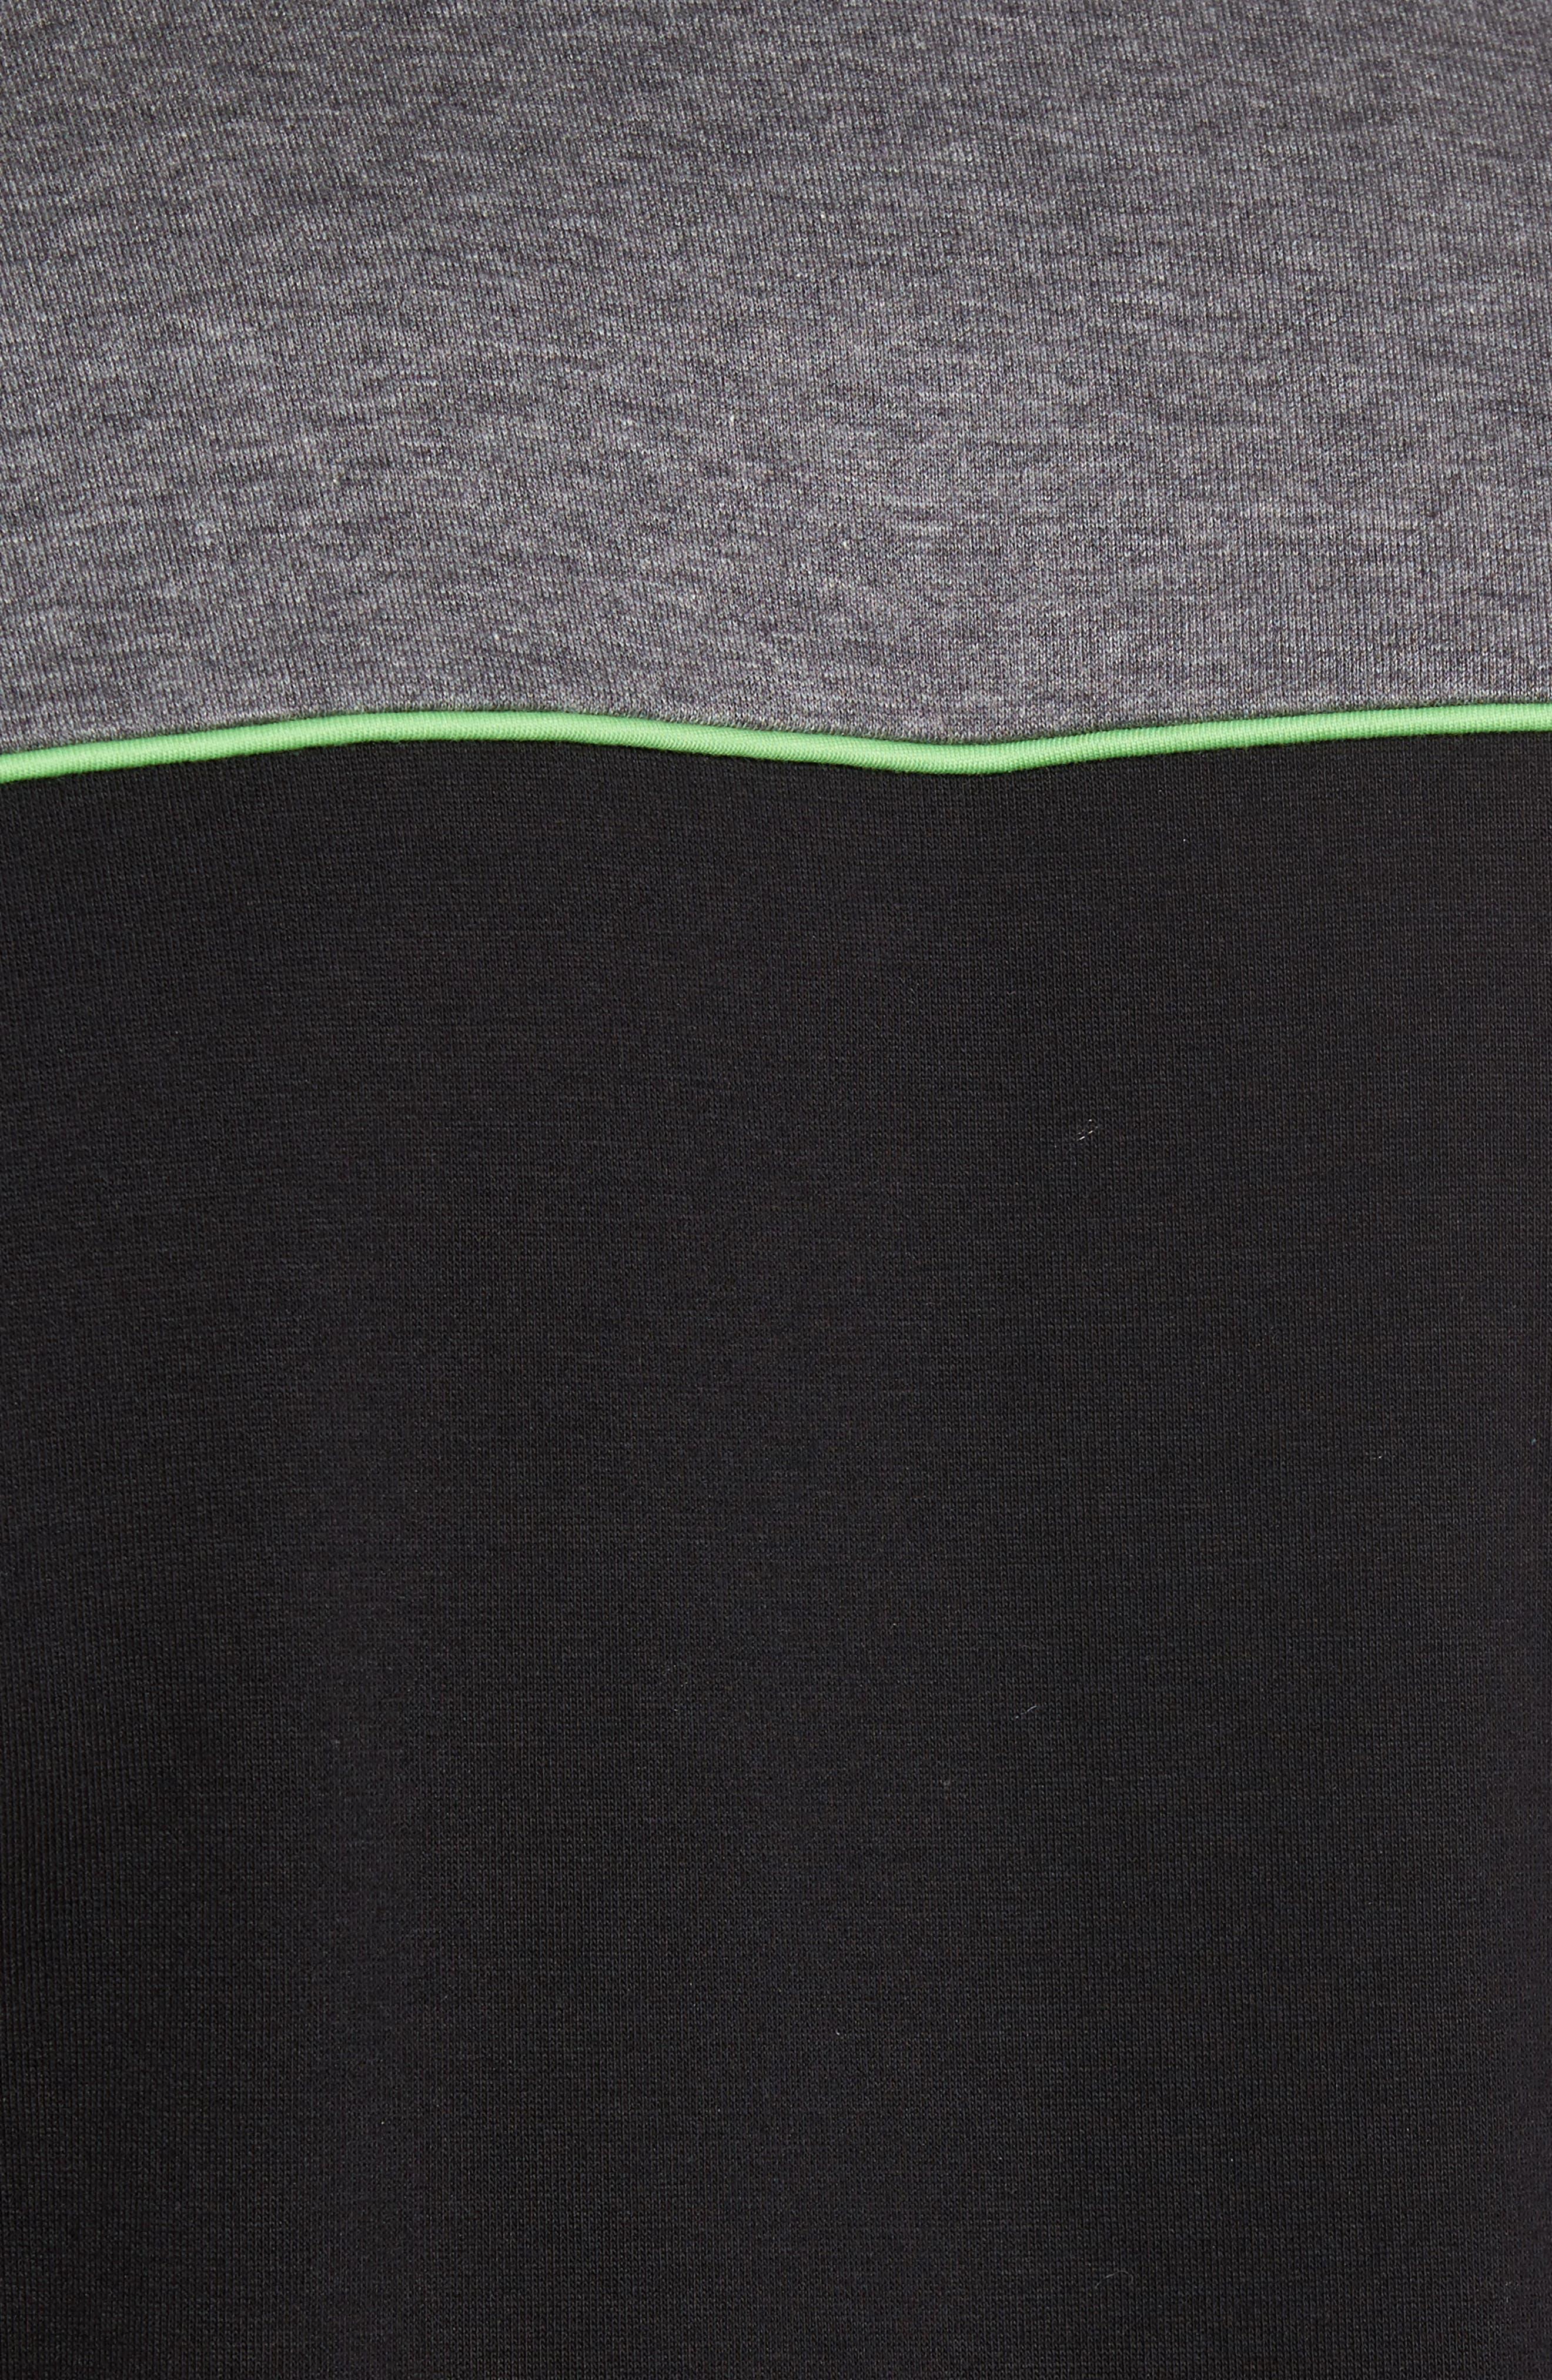 BOSS GREEN,                             Skaz Full Zip Fleece Jacket,                             Alternate thumbnail 5, color,                             001